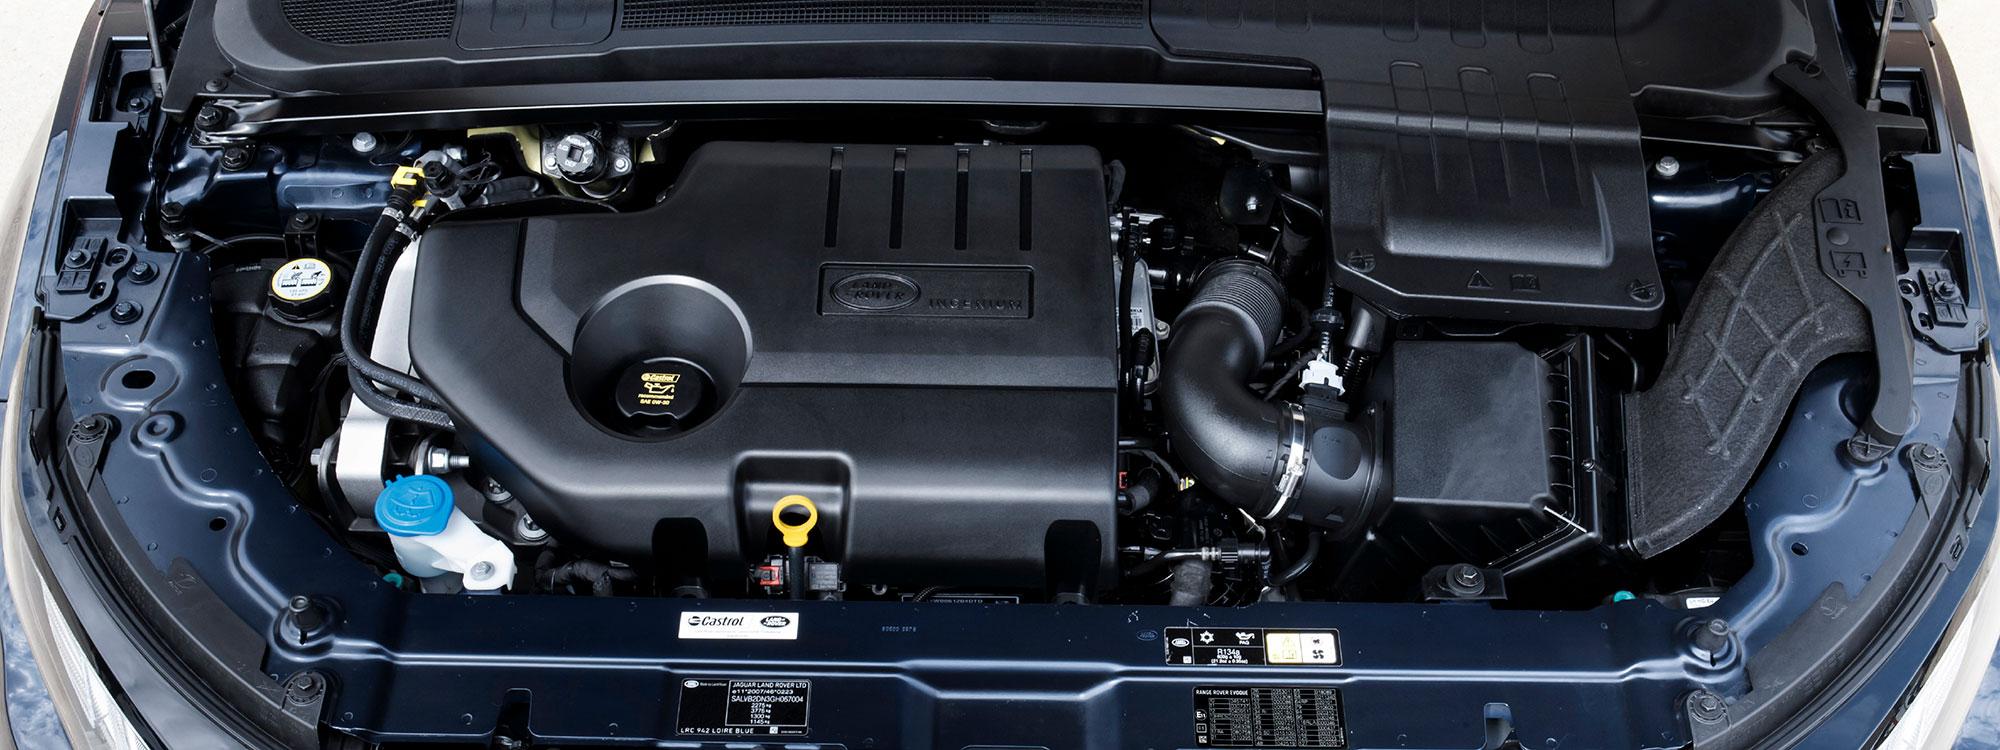 range-rover-evoque-ingenium-engine